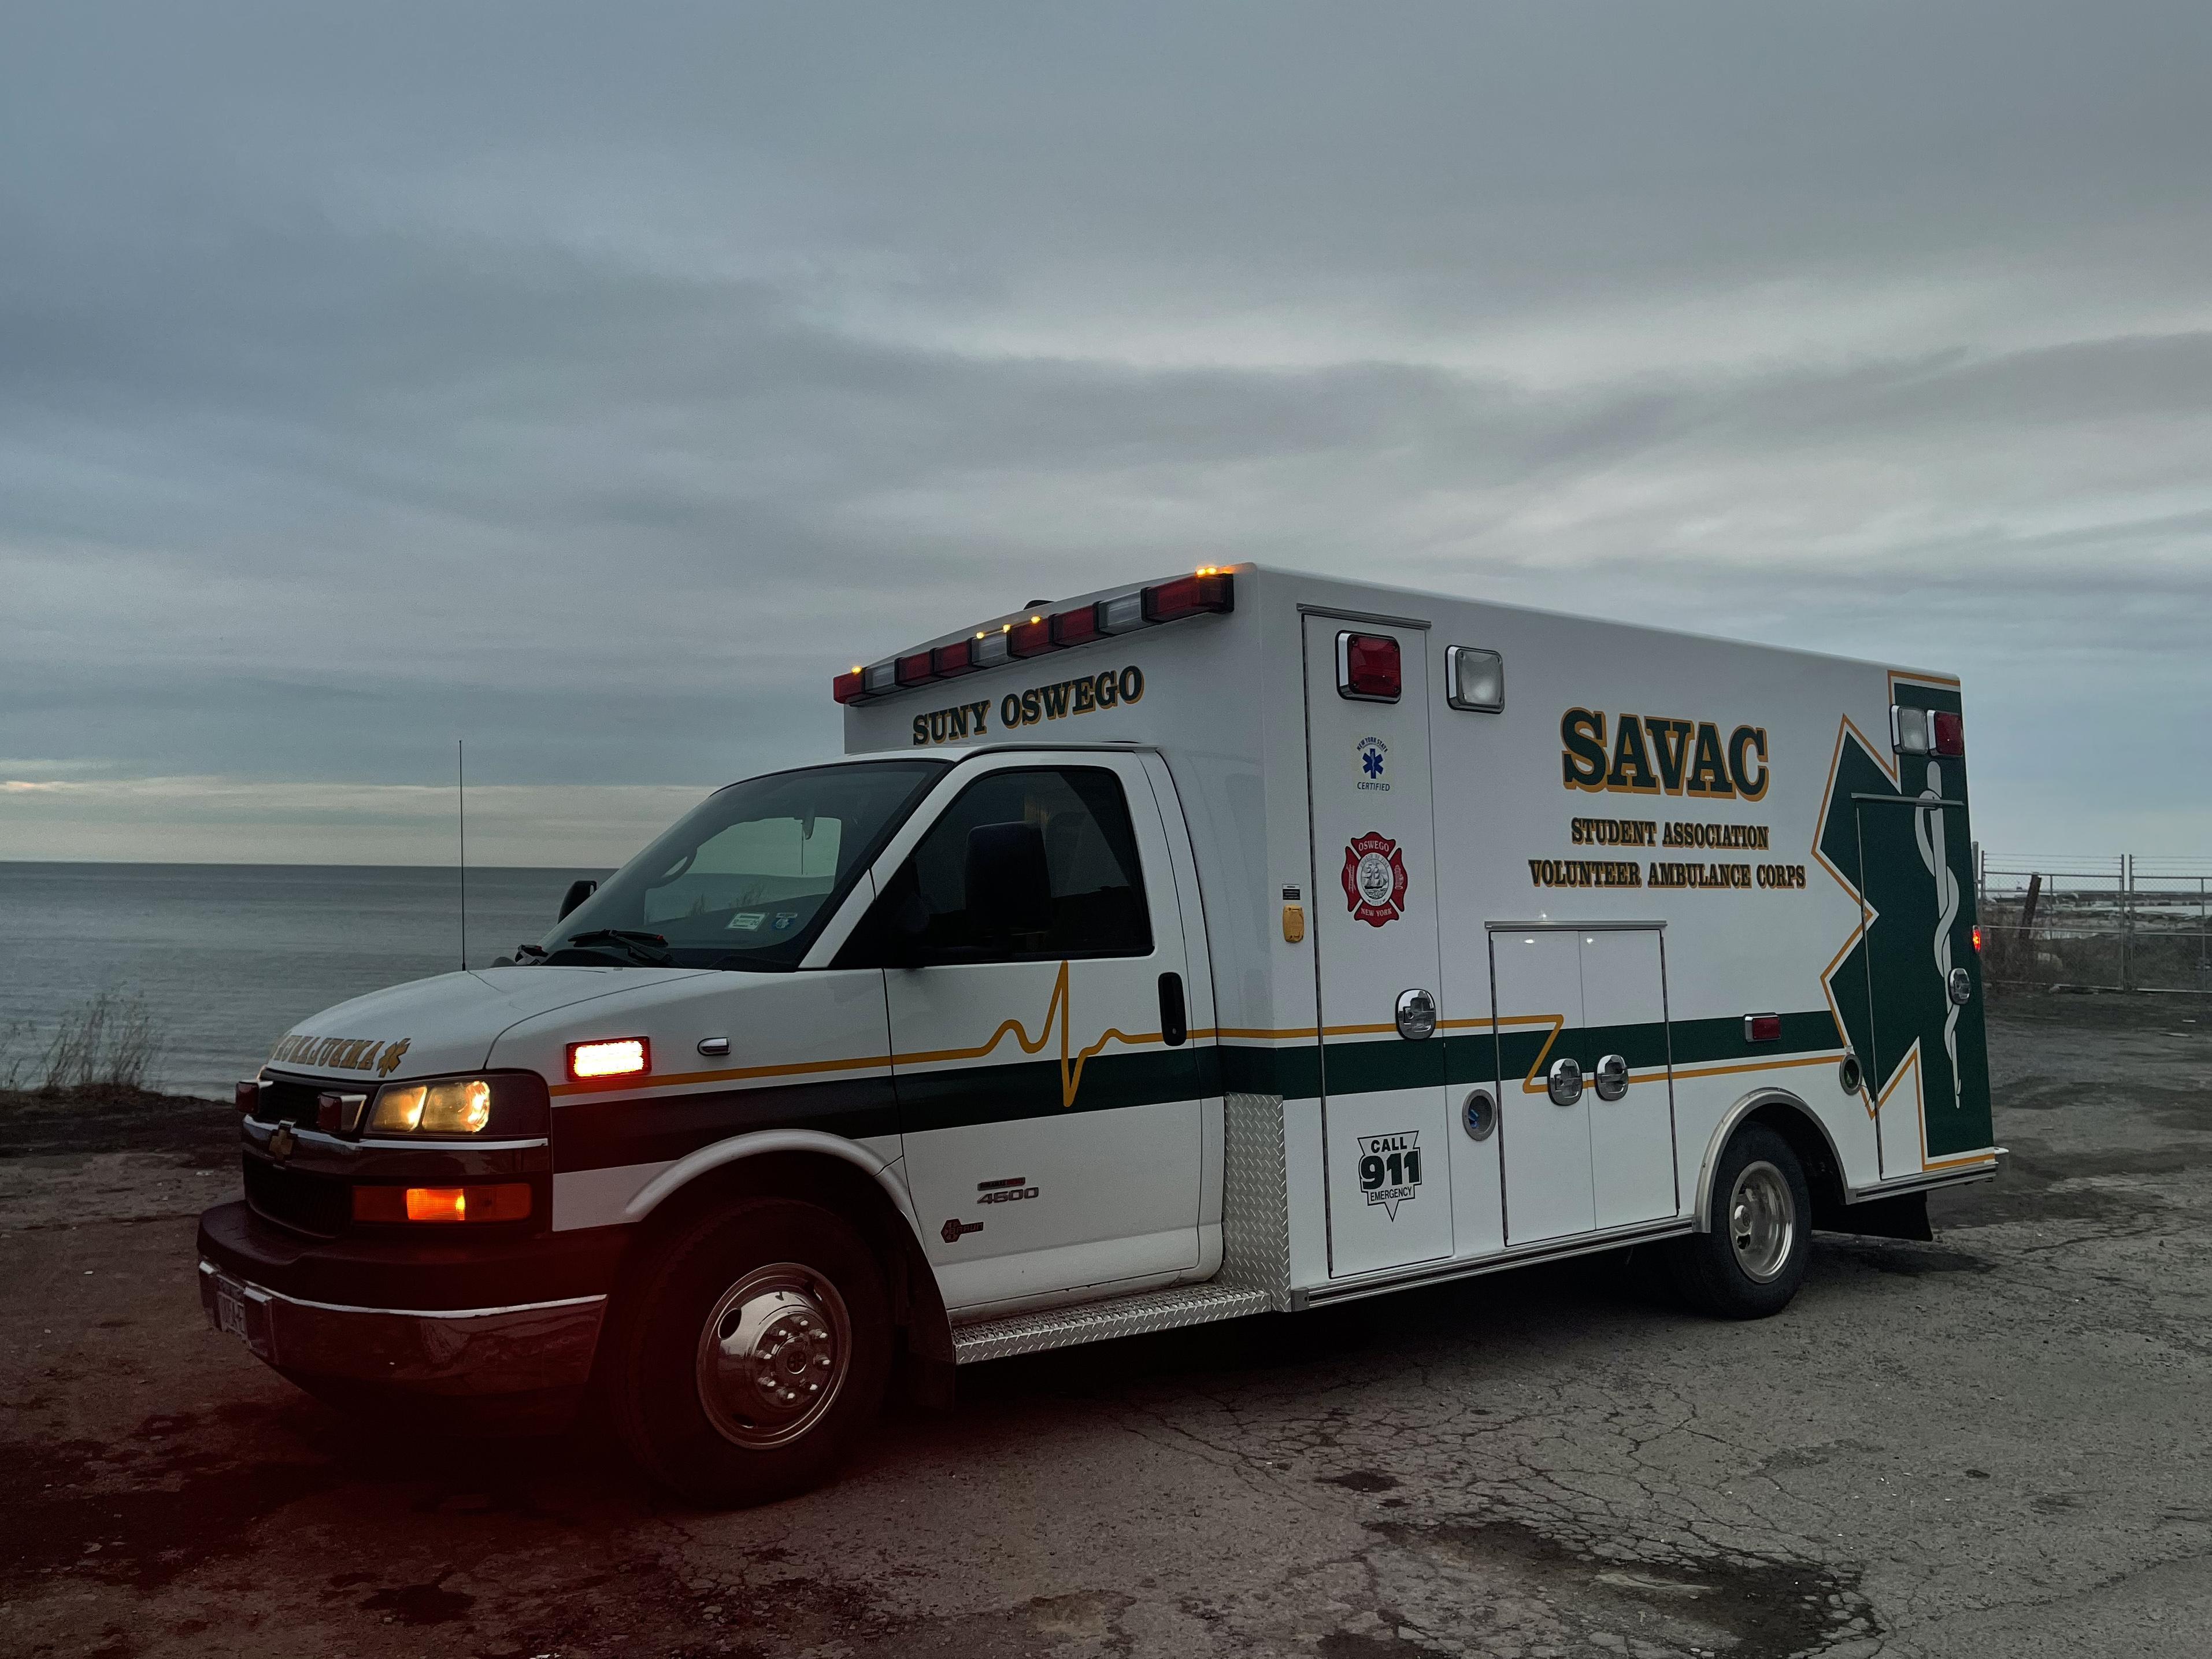 Photo of SAVAC ambulance on lakeshore at sunset